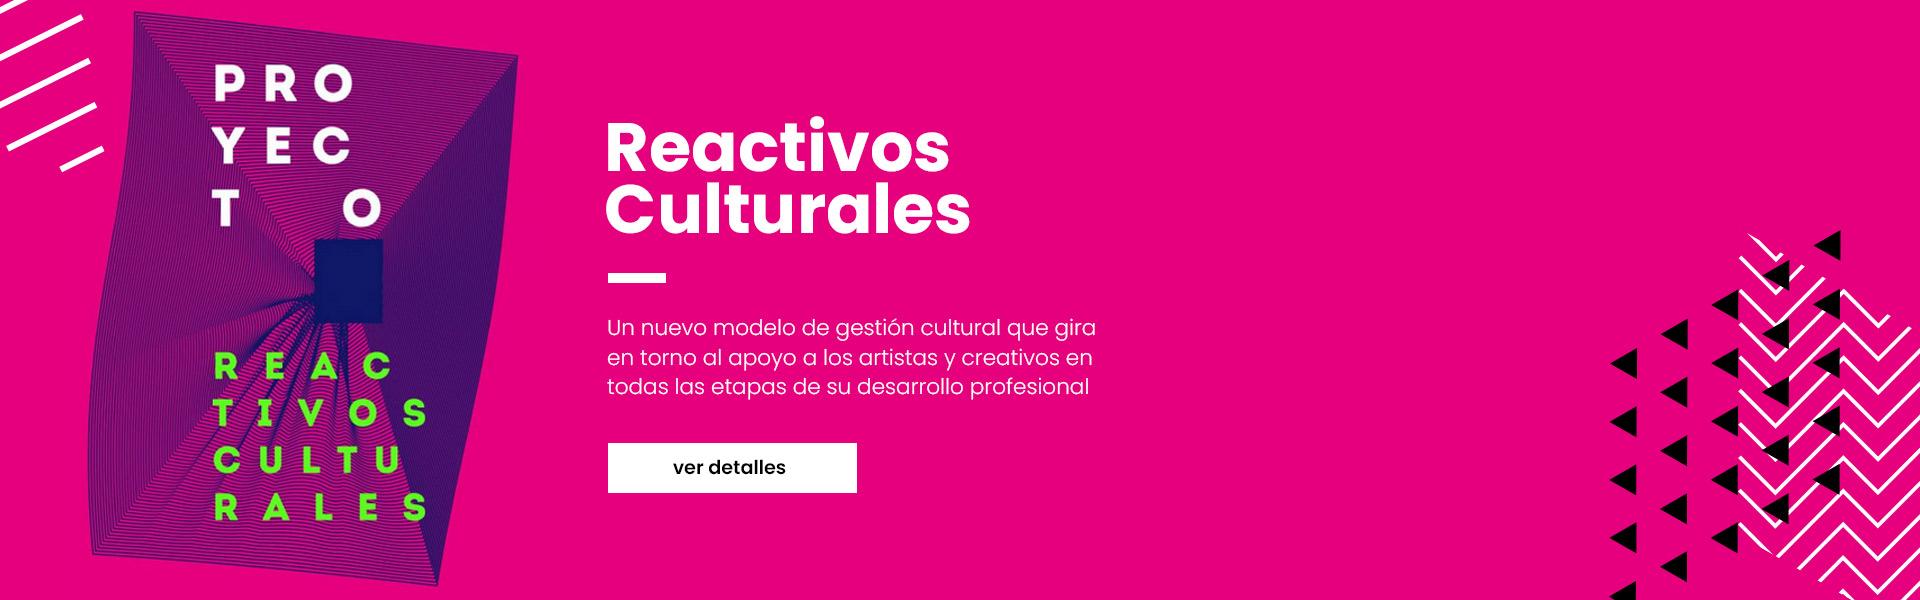 Reactivos Culturales Ayuntamiento de Murcia